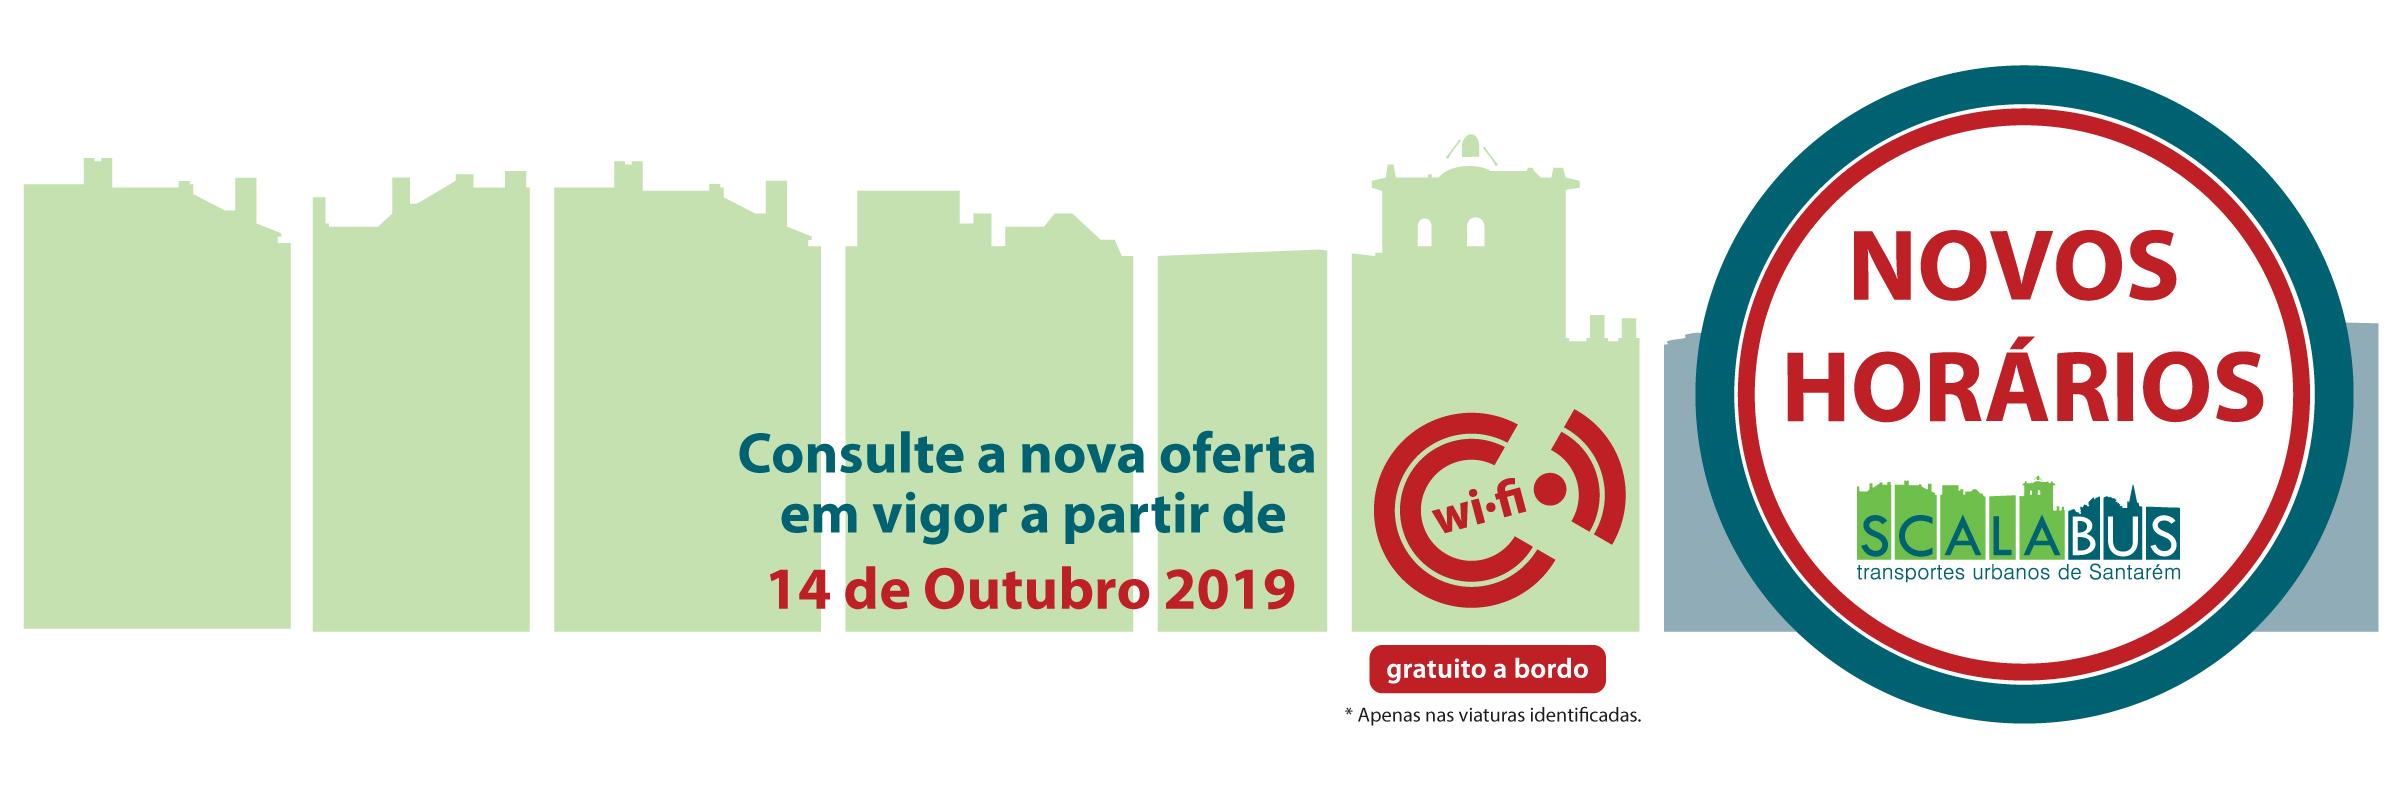 banner_sitescalabus_novos-horarios_3Out